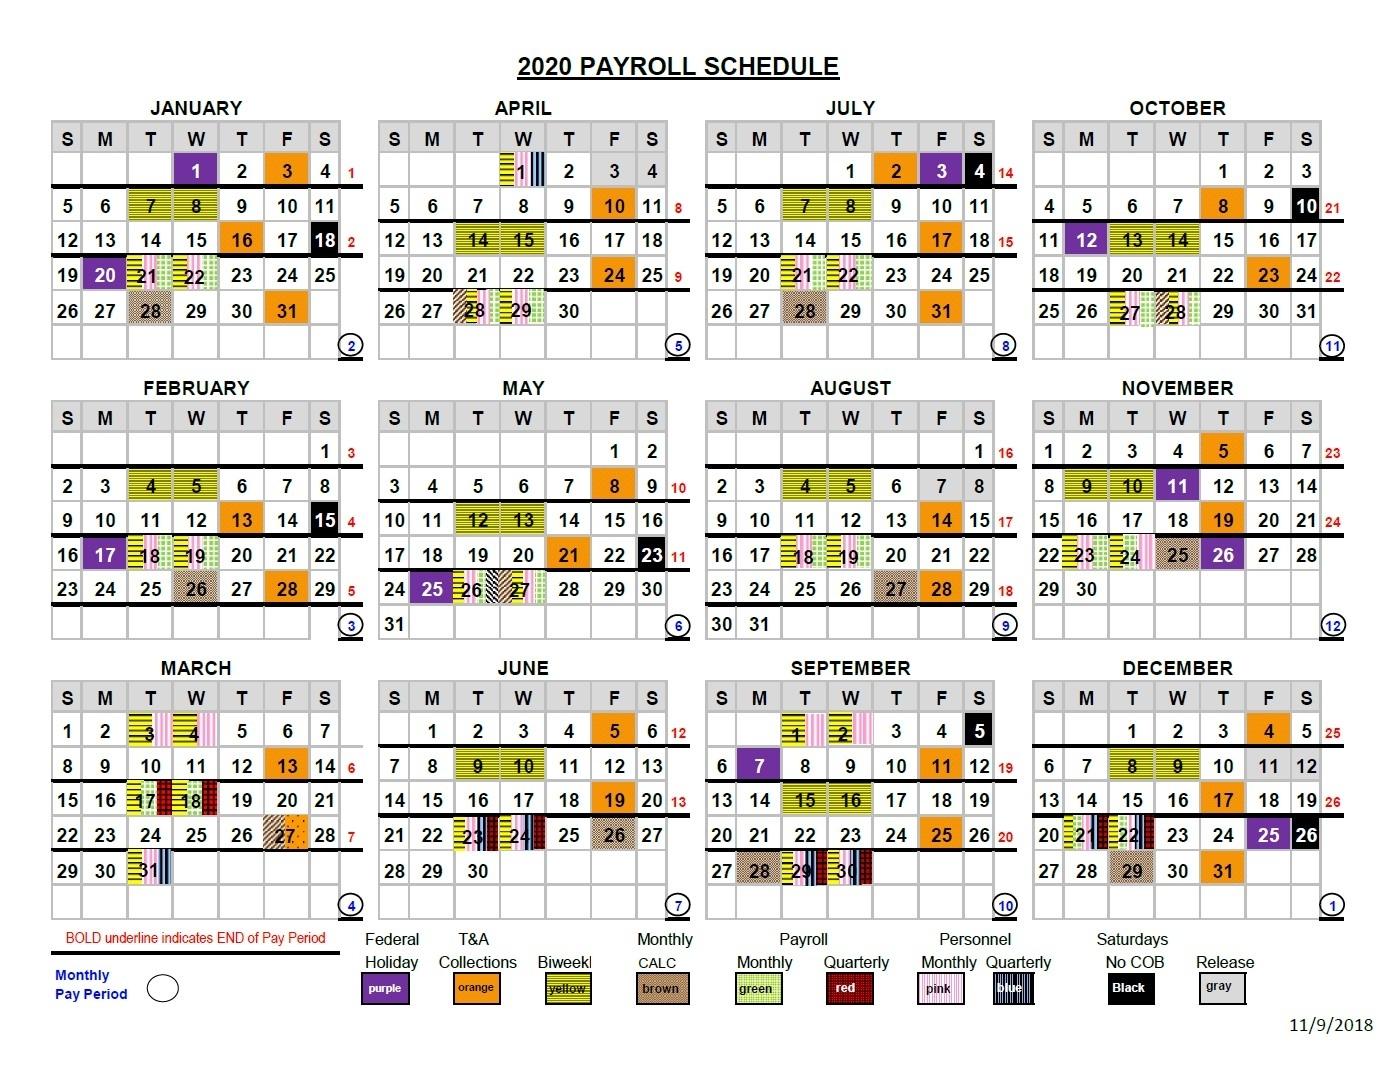 State Of Mn Payroll Calendar 2021 | Payroll Calendar 2021